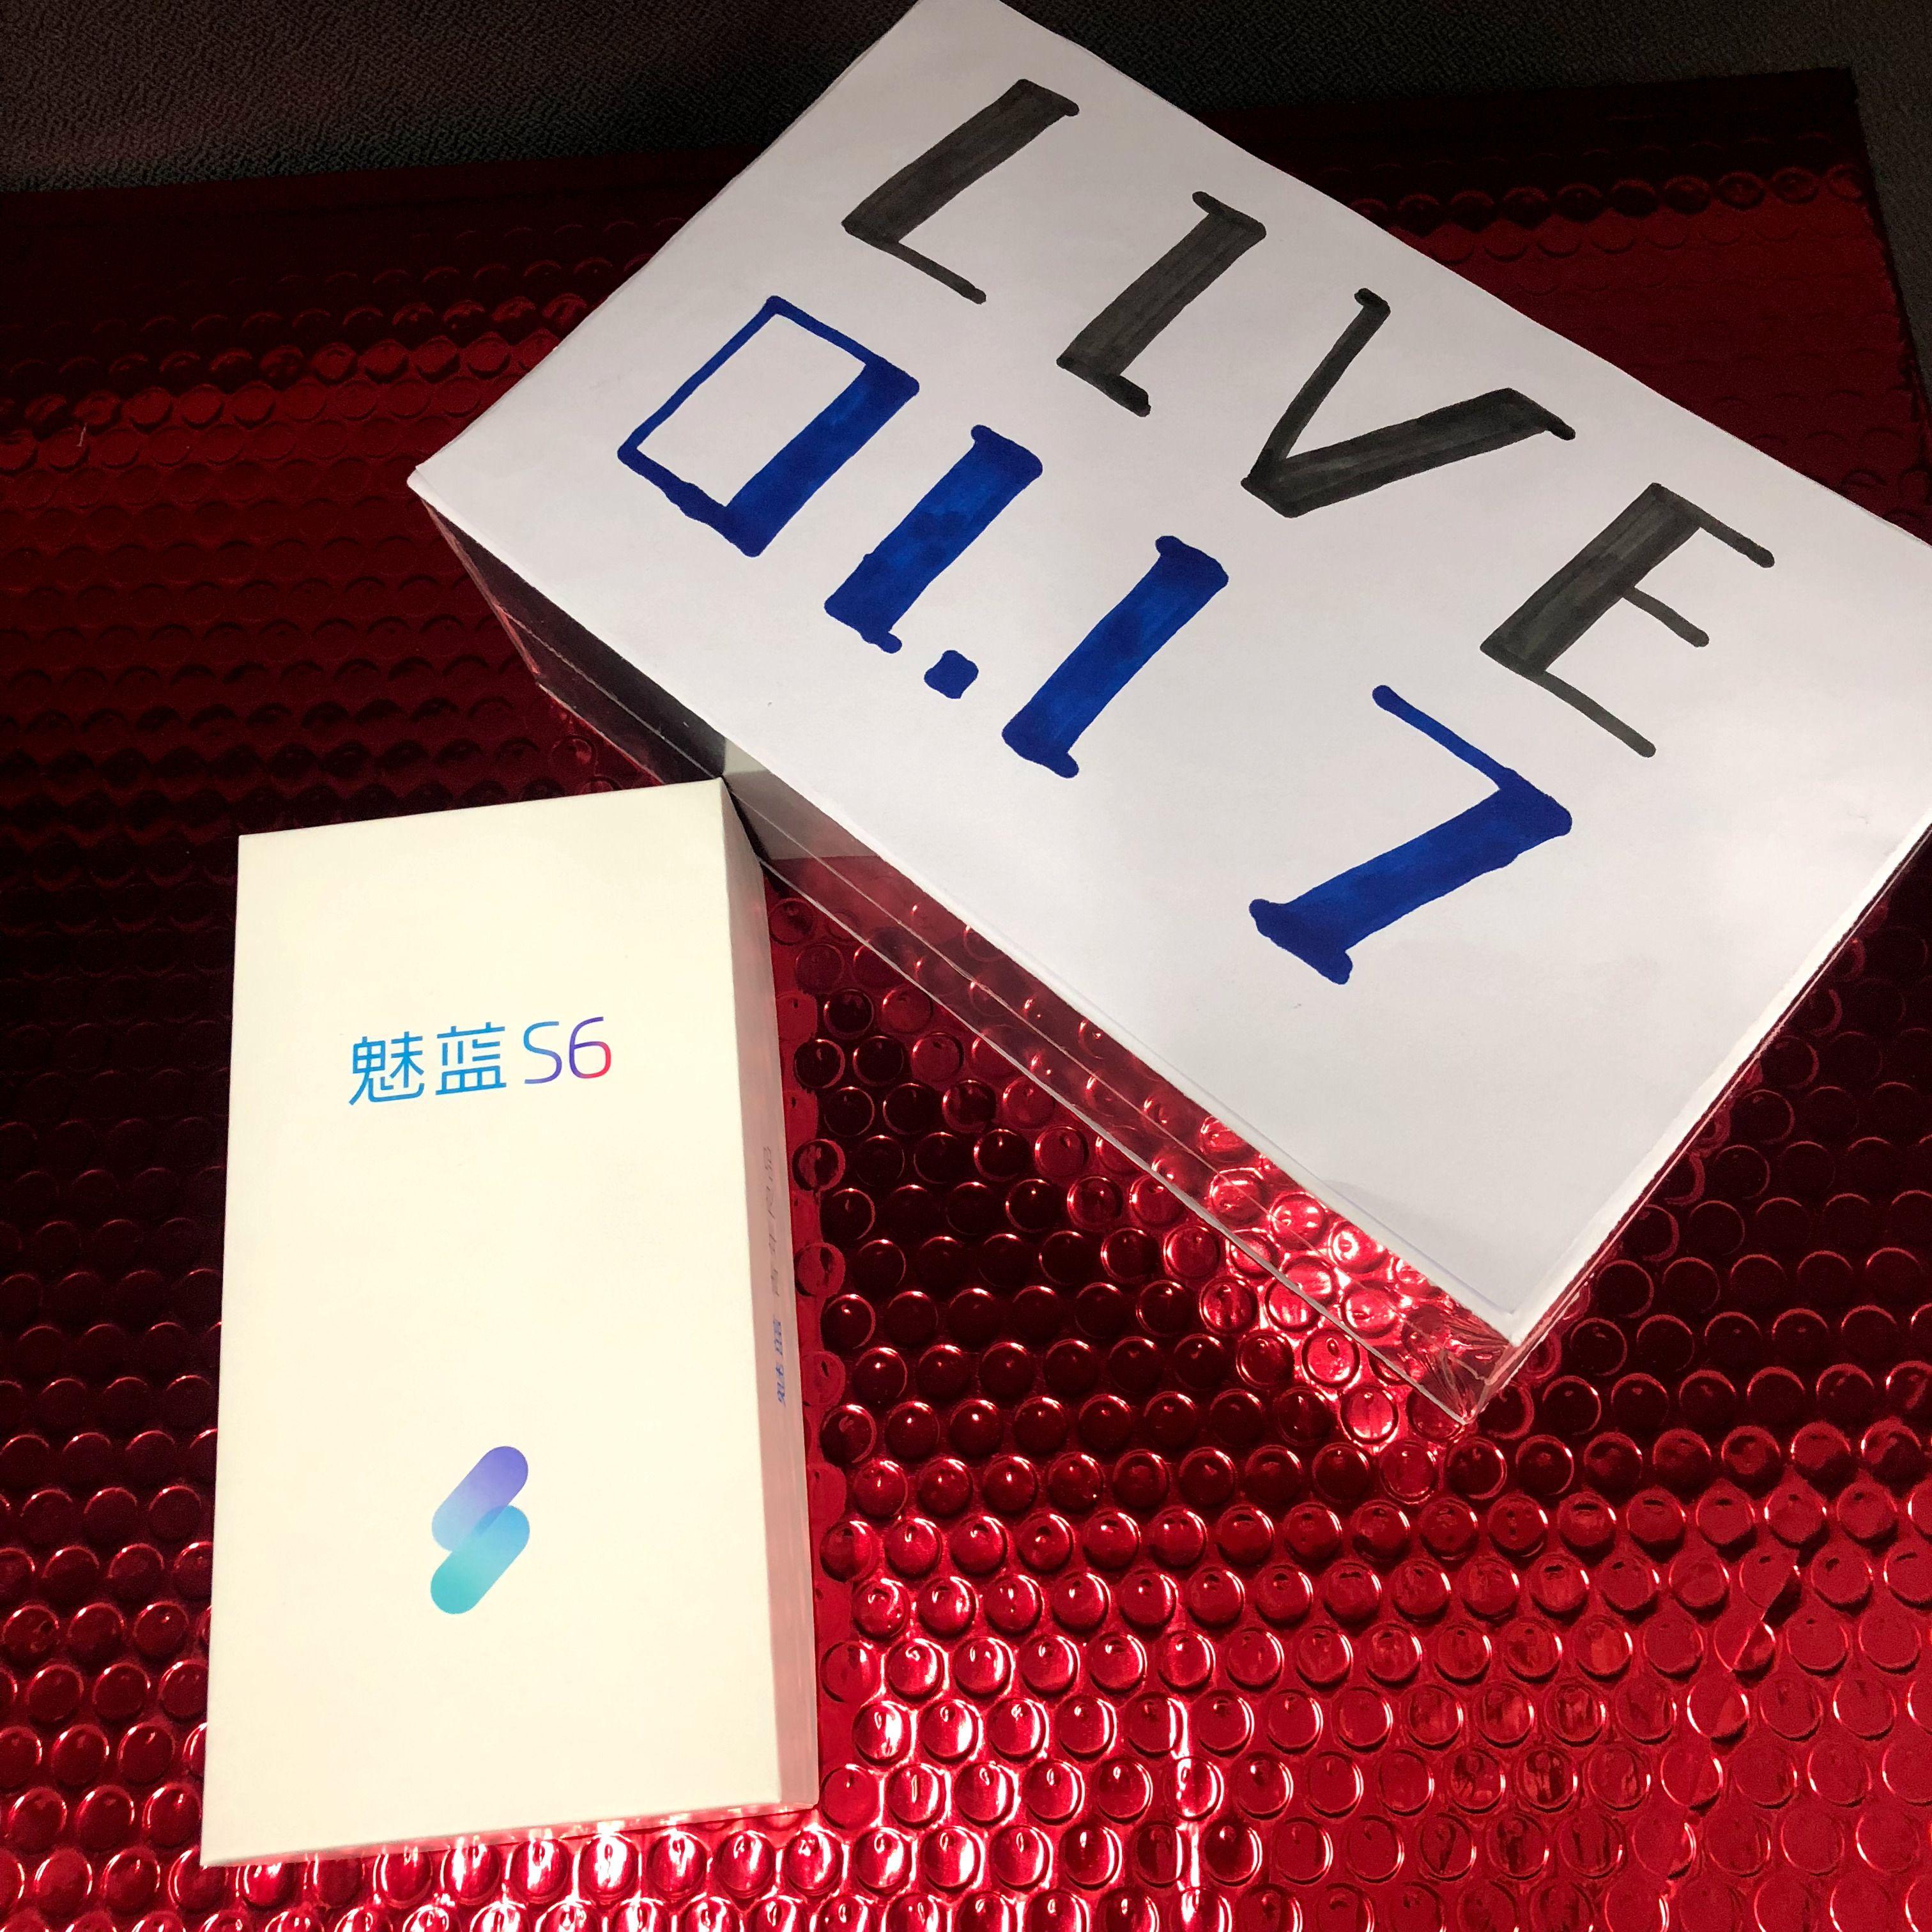 魅藍 S6(Meizu M6s)の製品箱が公開。mbluブランドの新ロゴが存在